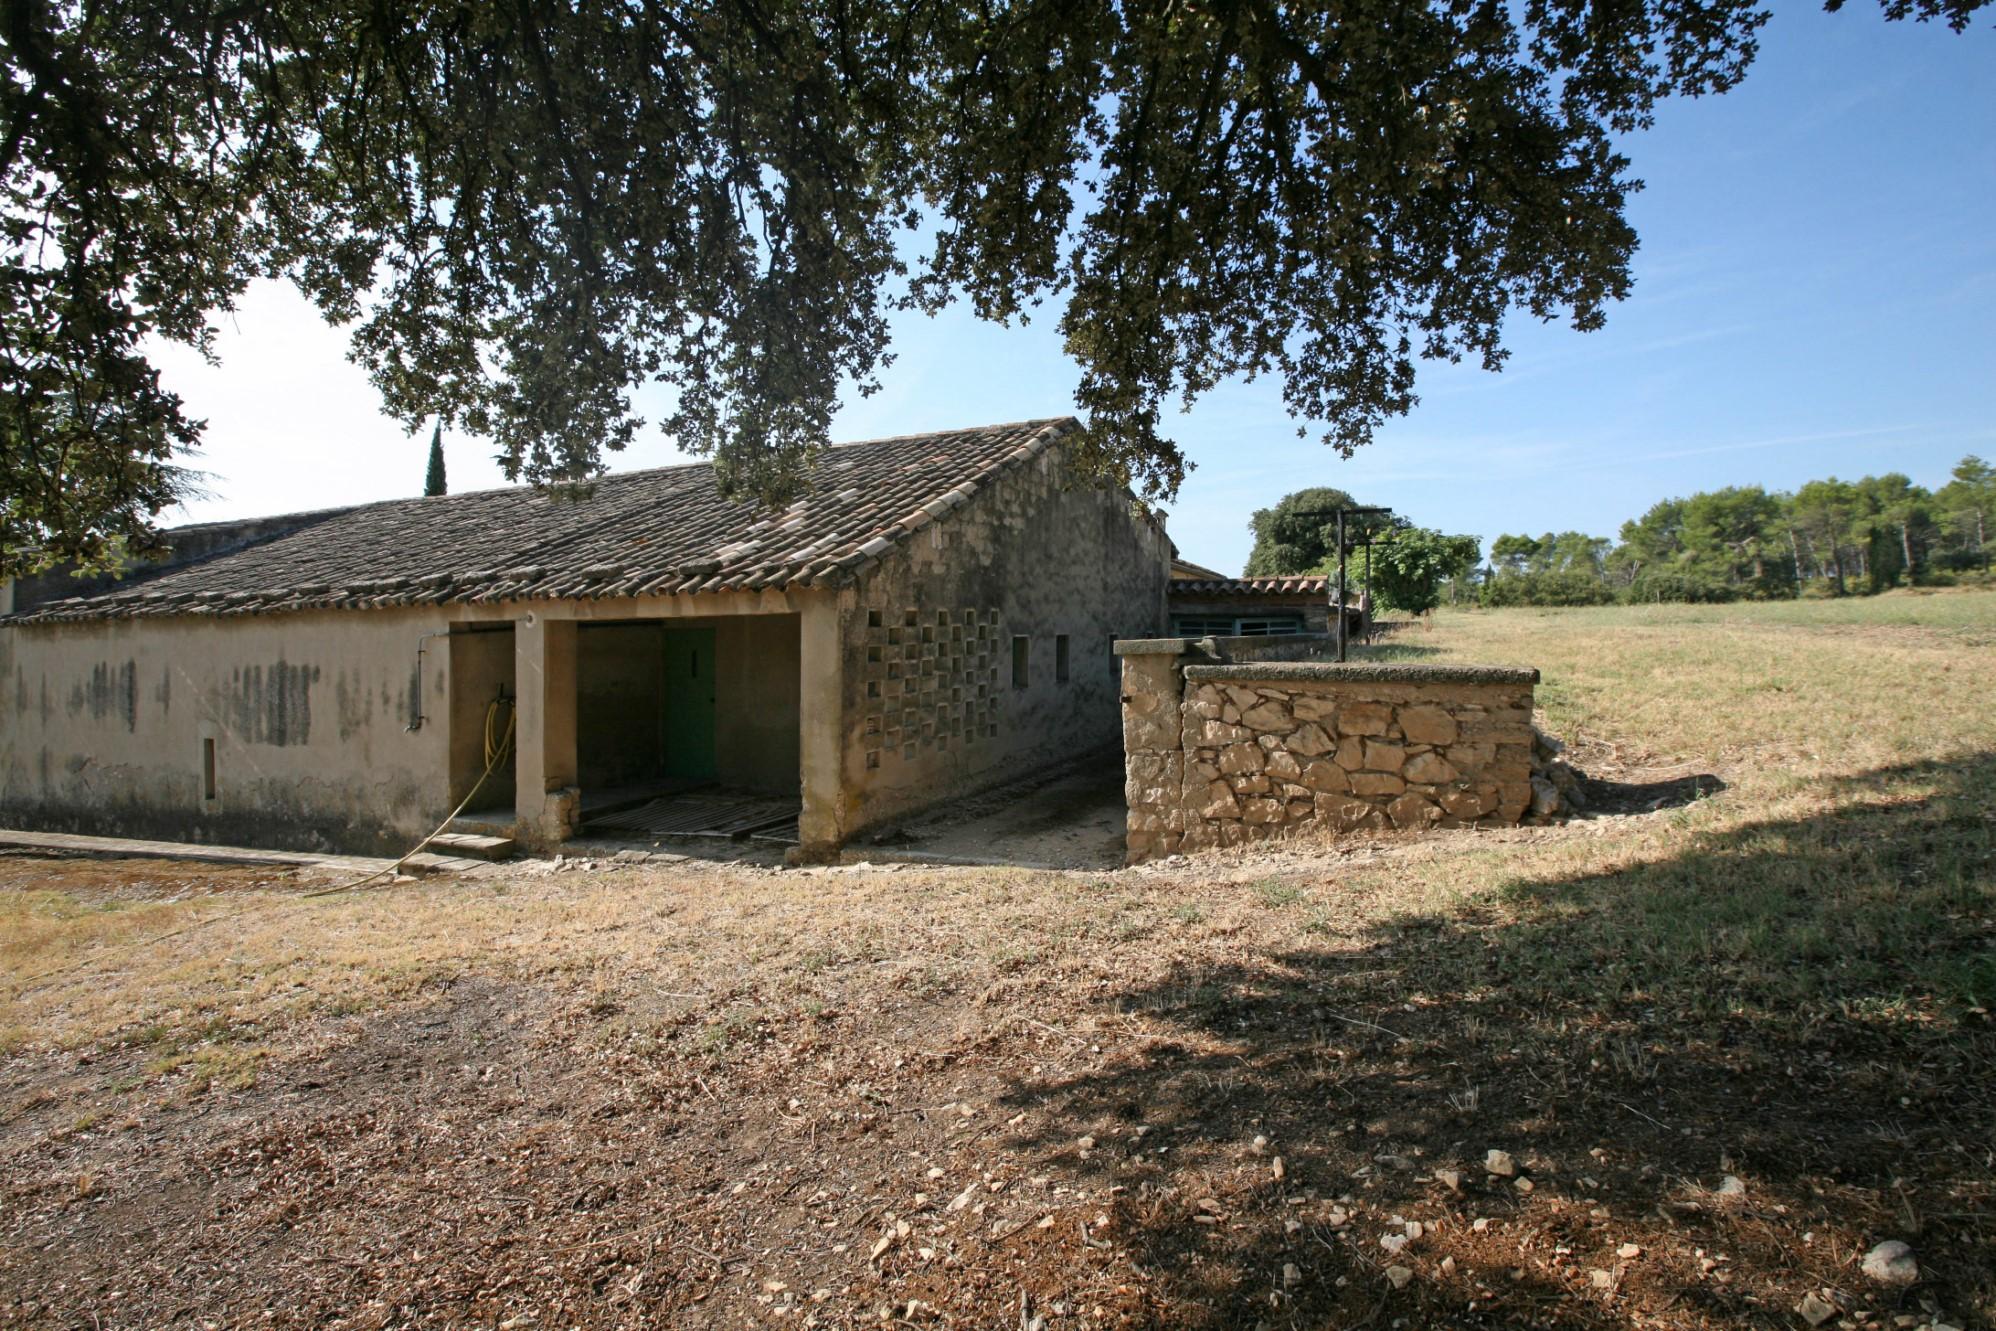 A vendre entre Alpilles et Luberon, domaine de 7,38 hectares avec plus de 600 m² de bâti